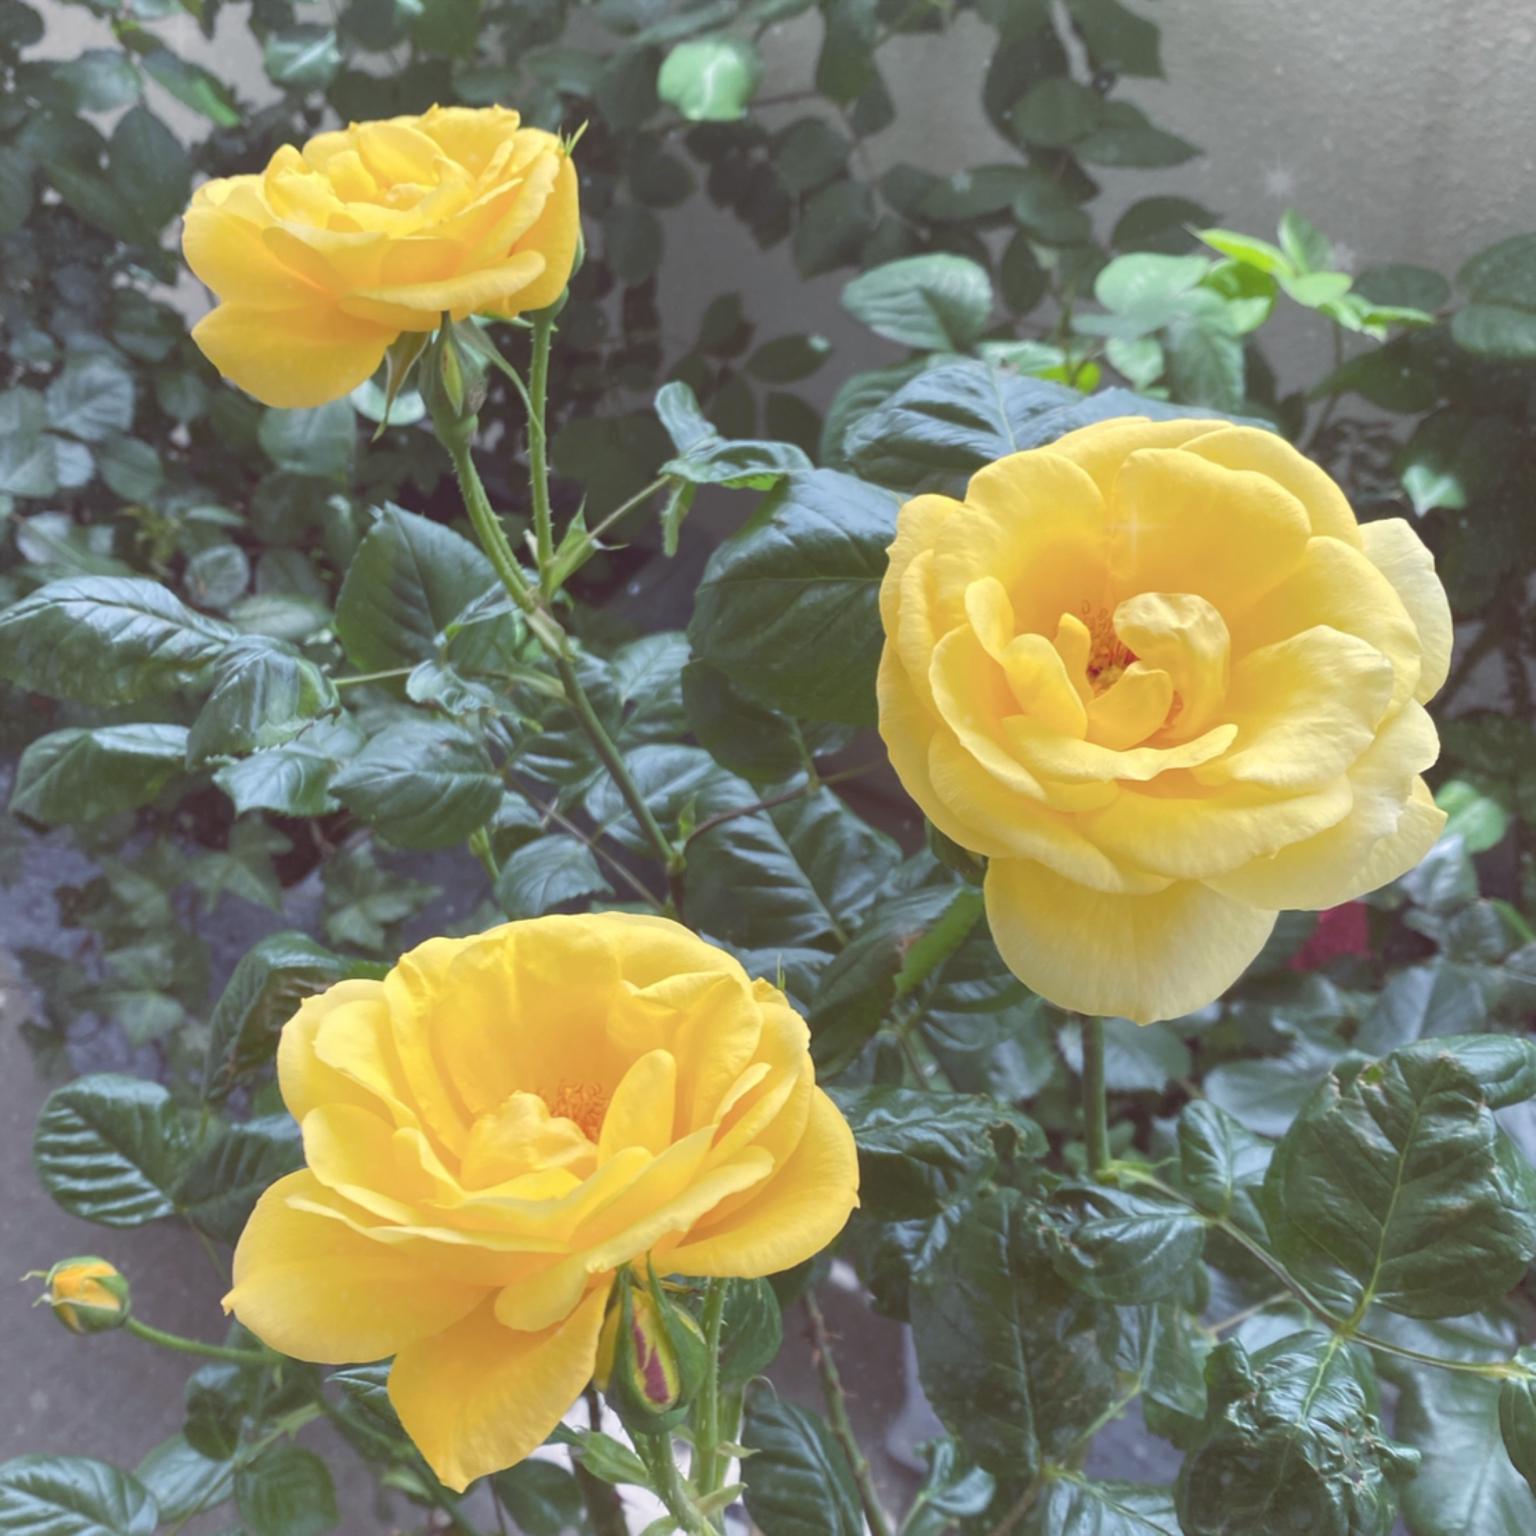 アーサーベル/薔薇/ベランダガーデン/ベランダ/ガーデニング...などのインテリア実例 - 2021-04-22 11:29:25